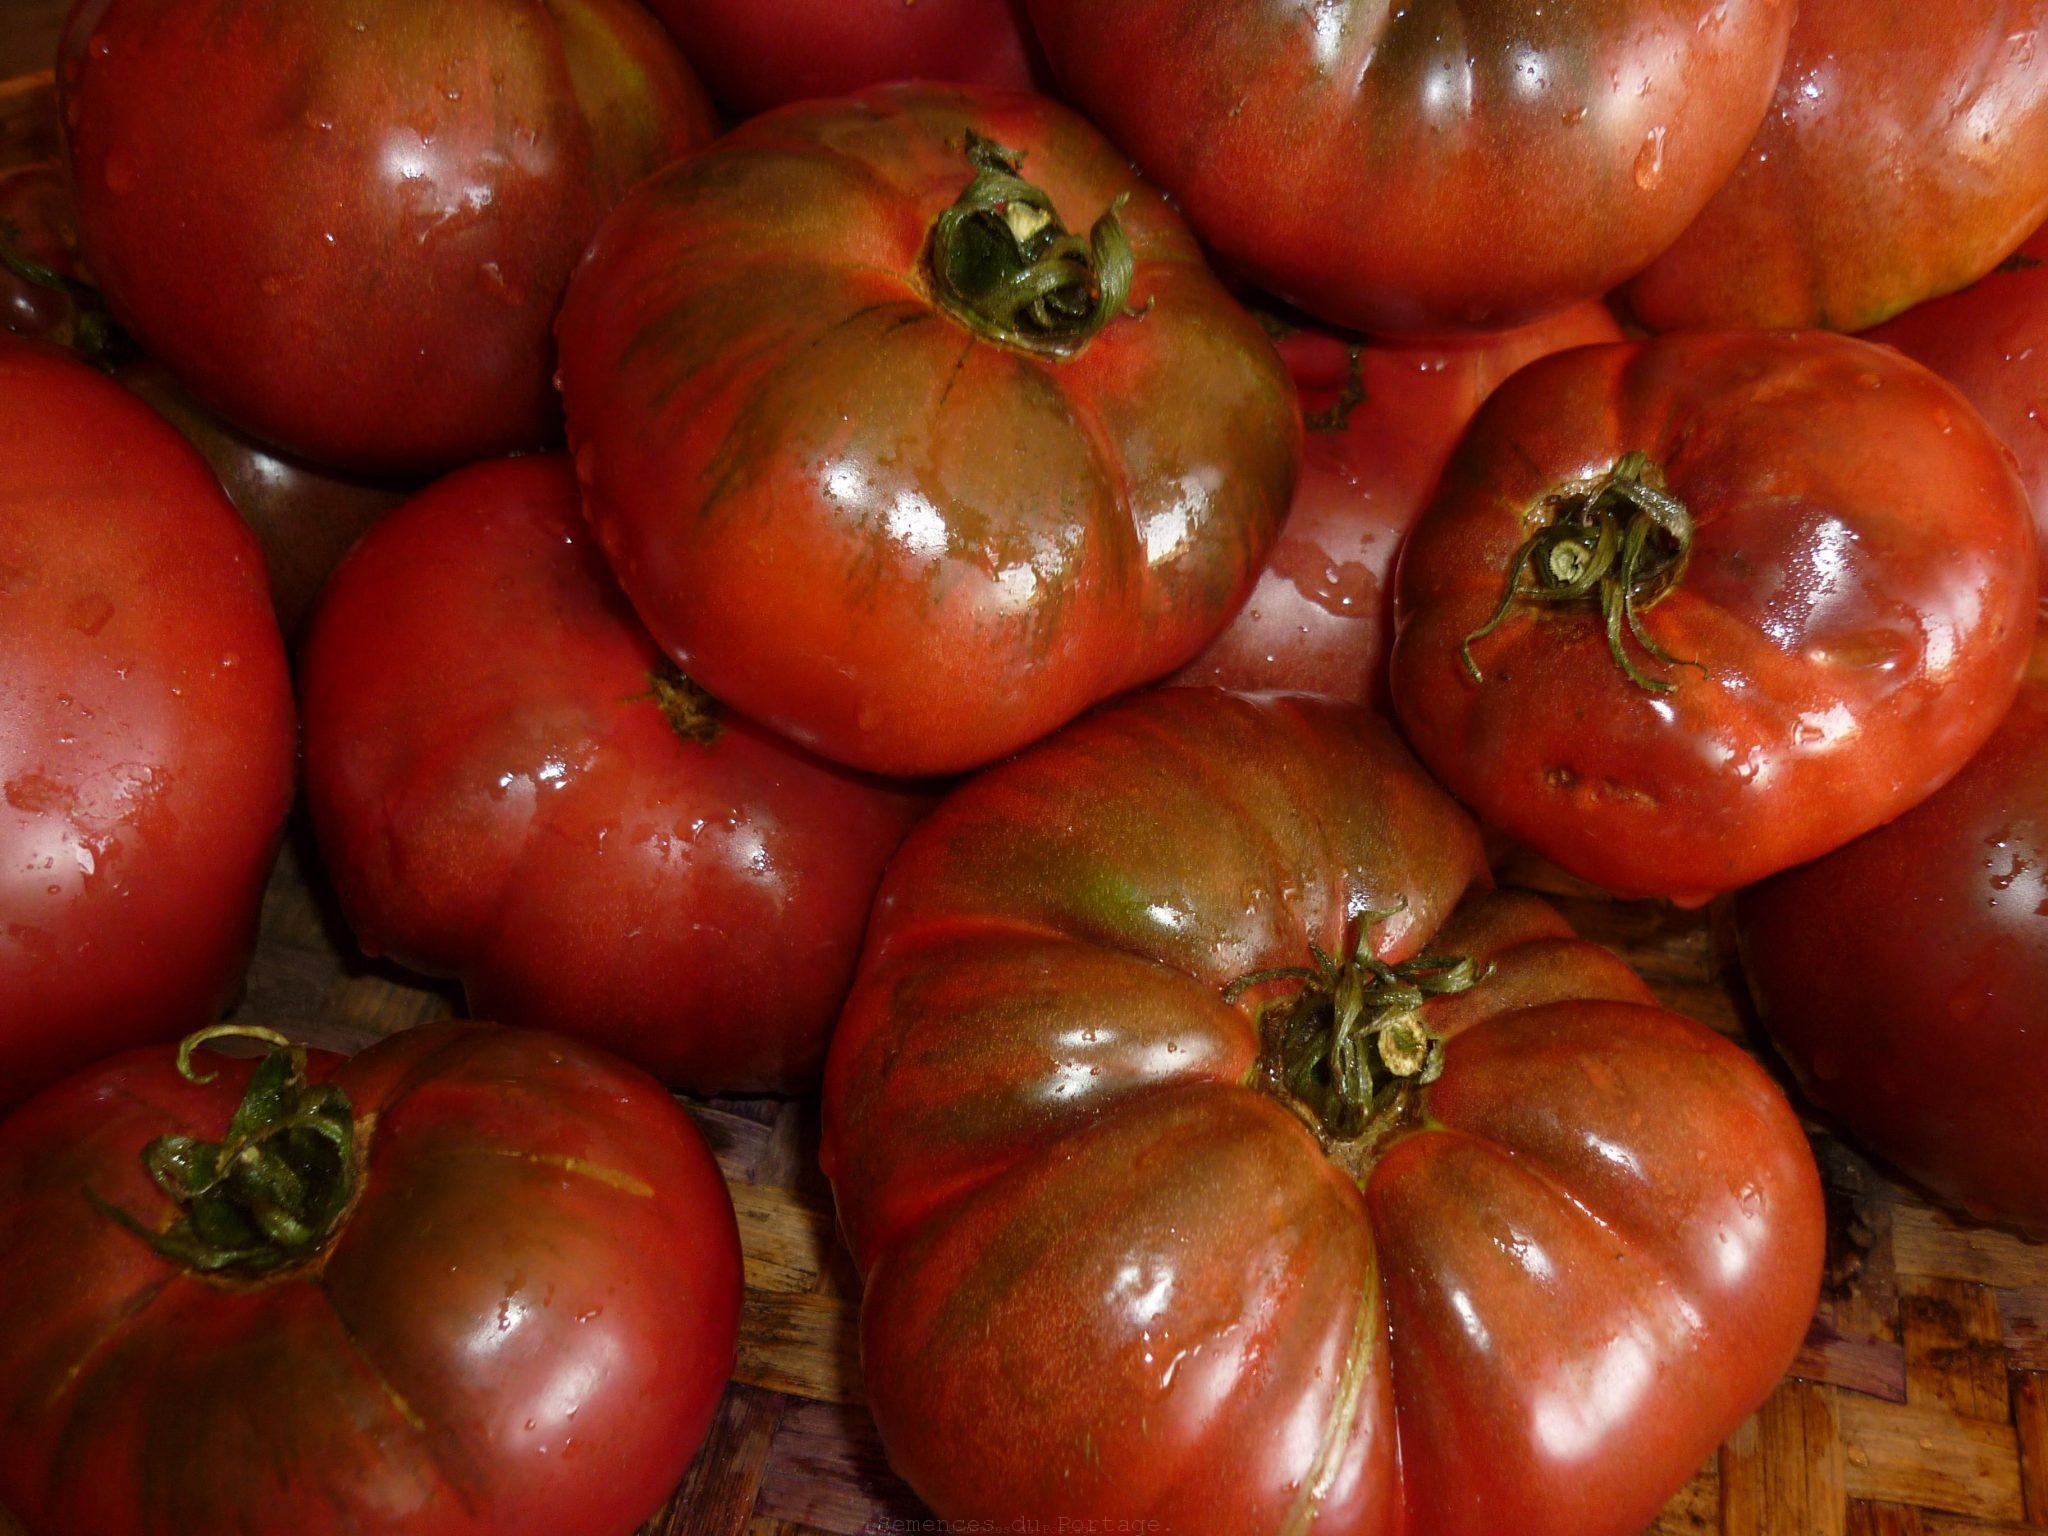 Tomate noire de crim e semences du portage - Tomate de crimee ...